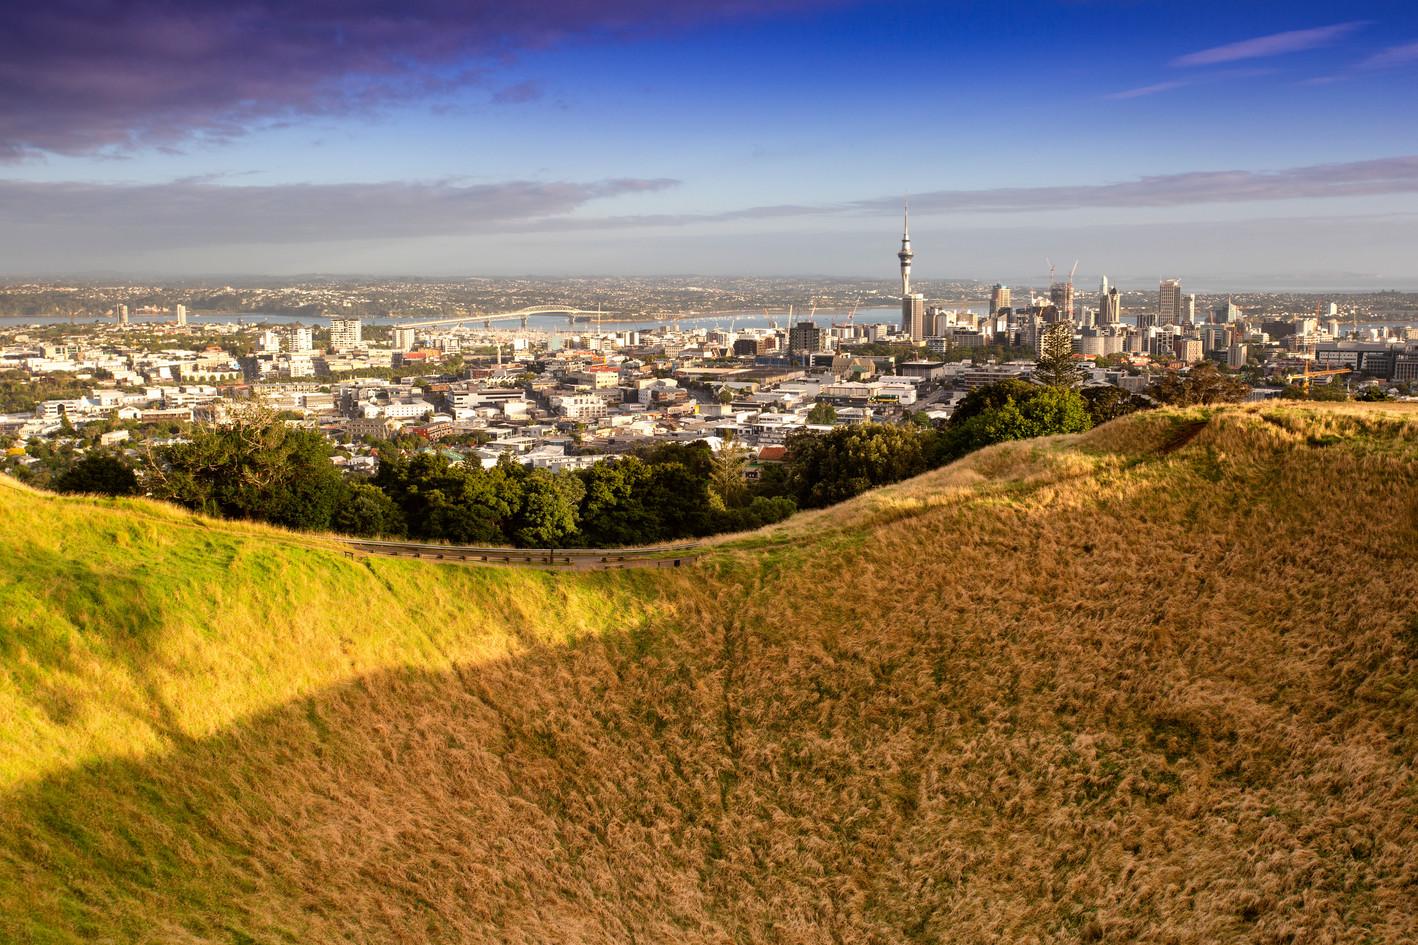 Maungawhau Summit, Auckland